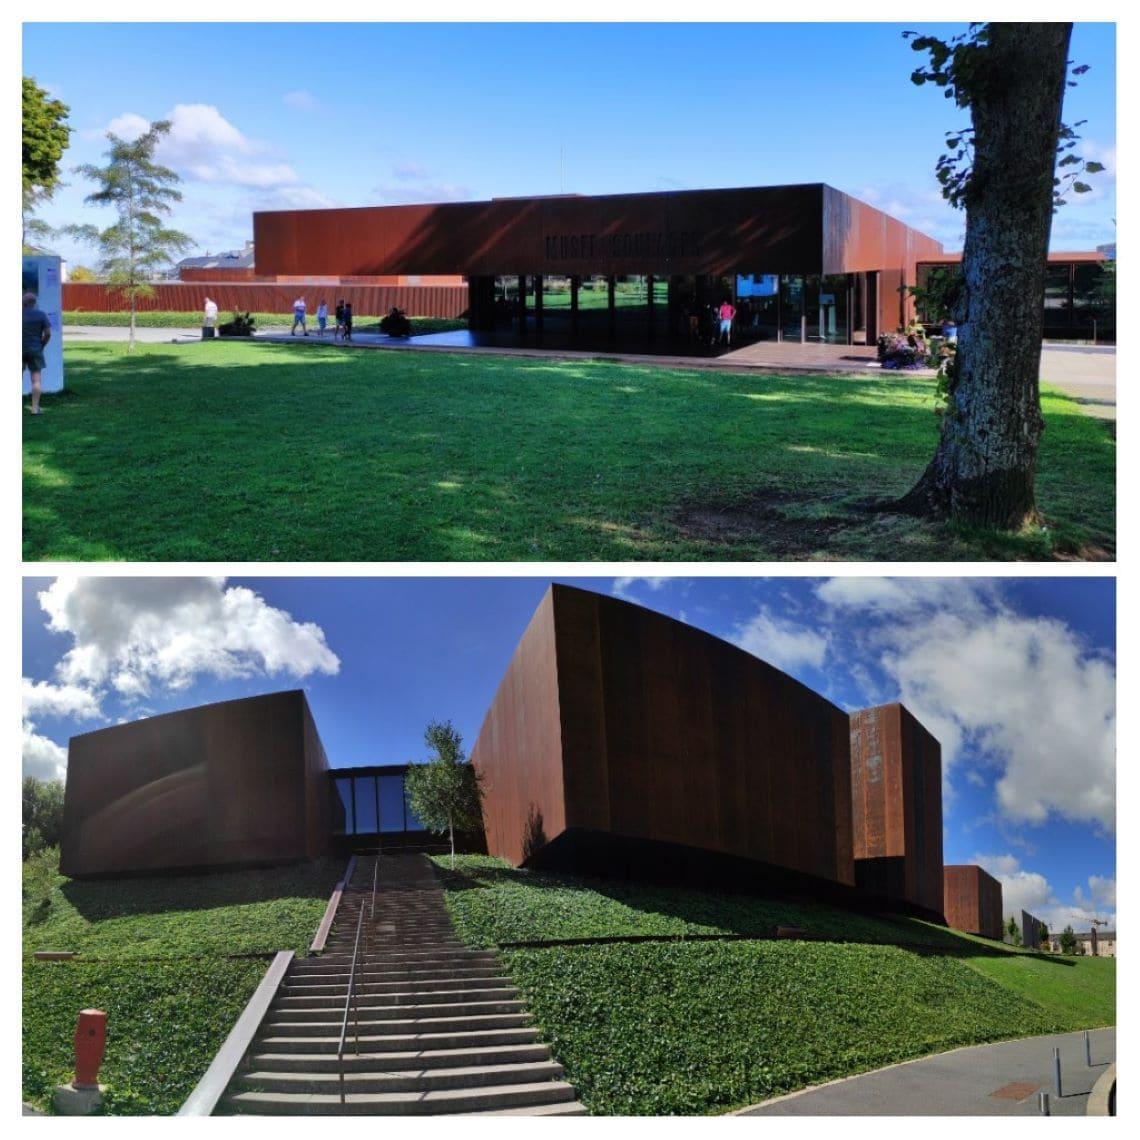 Soulages inattendu au musée de Rodez - vues du Musée Soulages